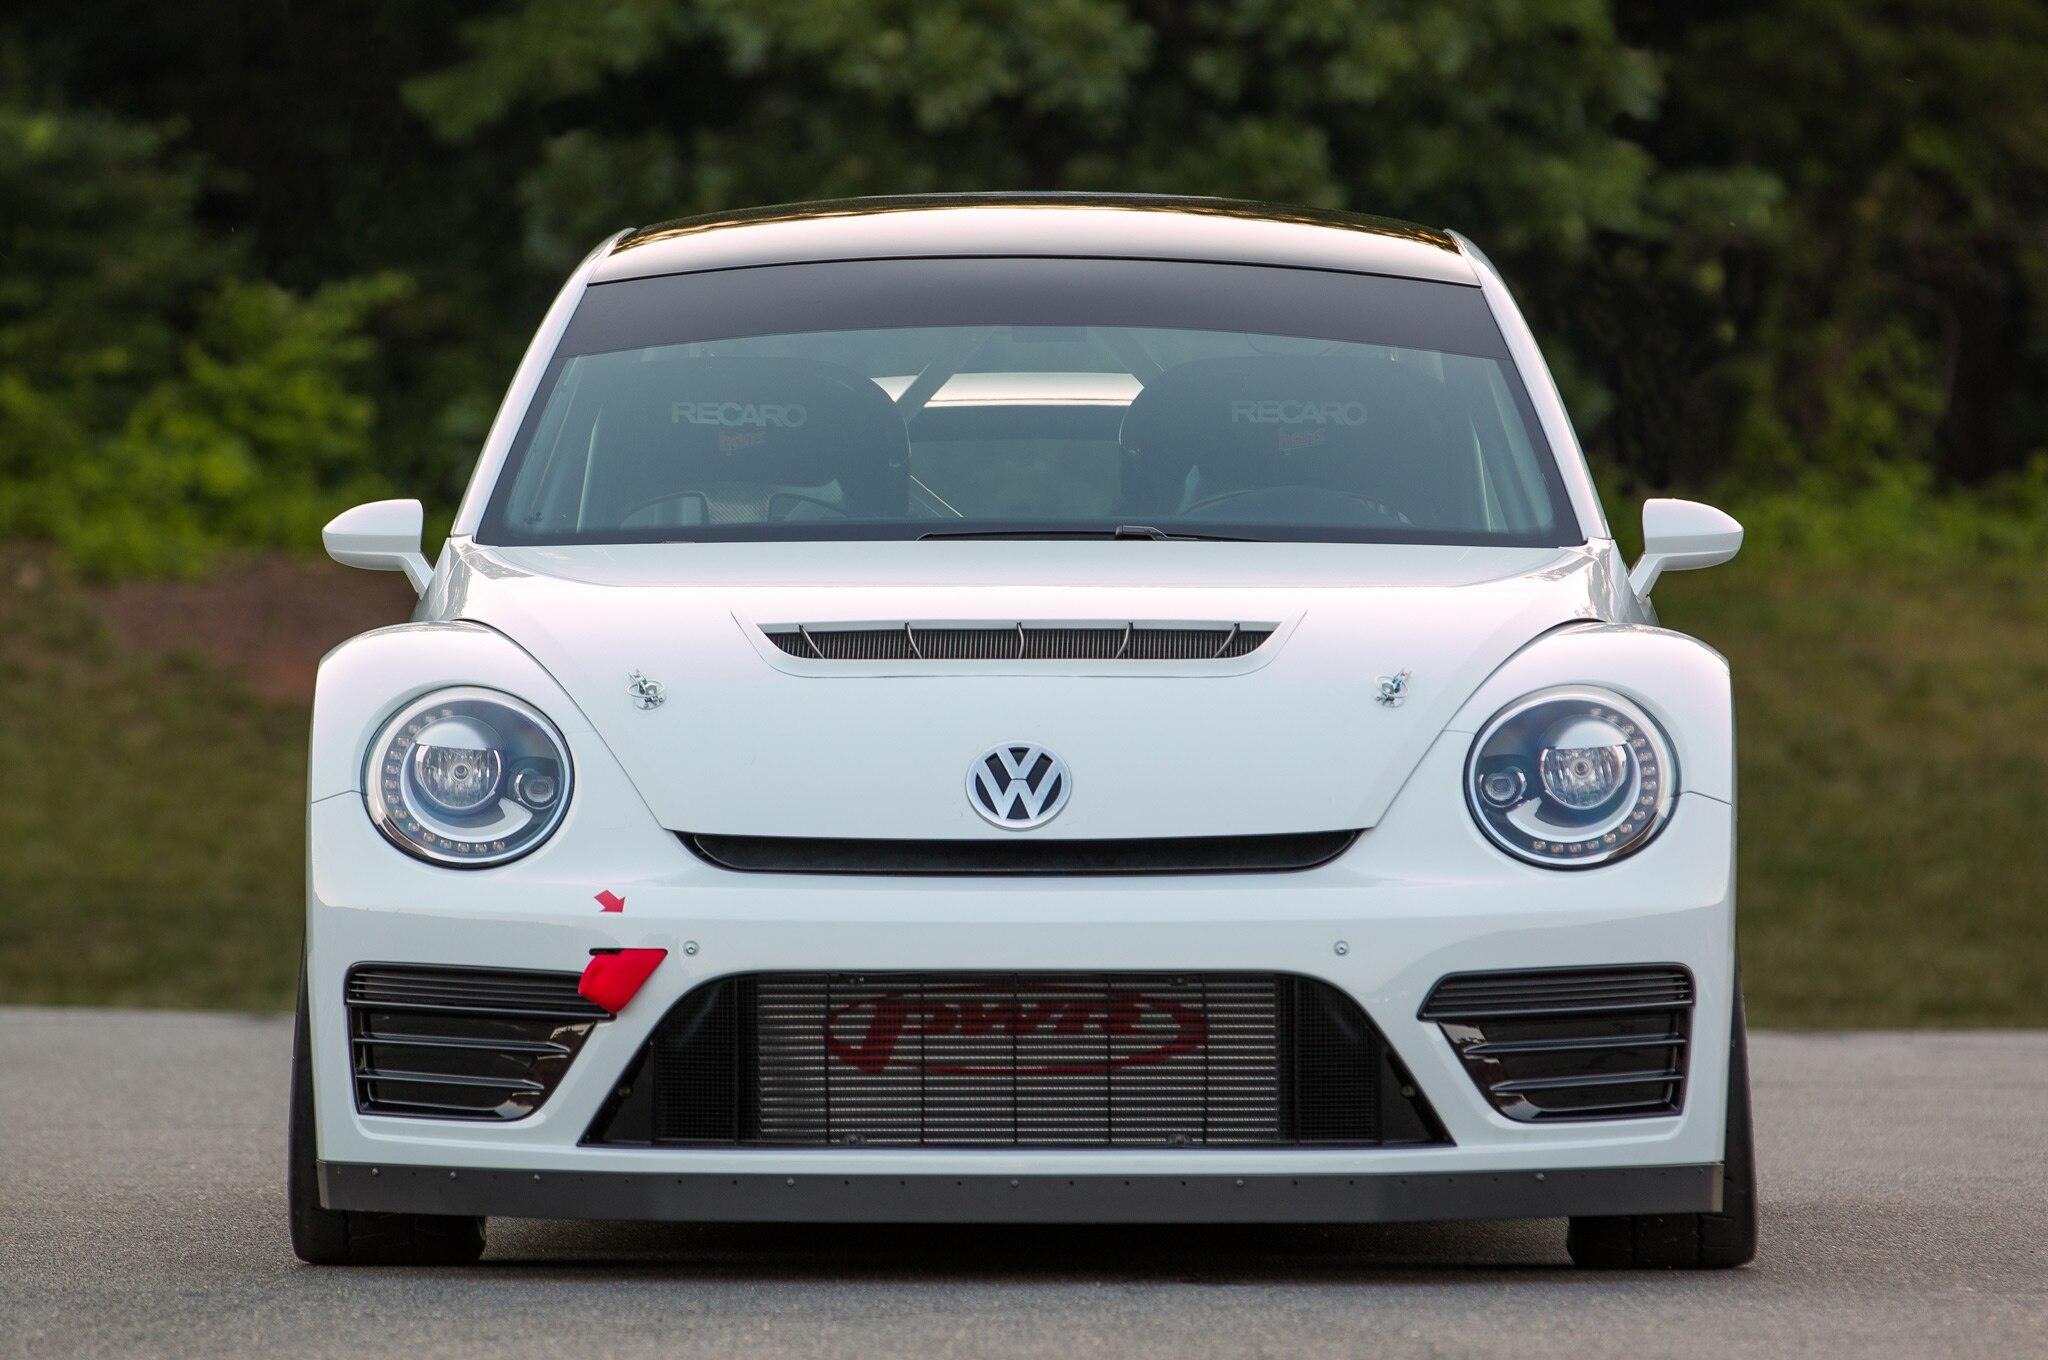 Volkswagen Beetle GRC Racecar Front View1